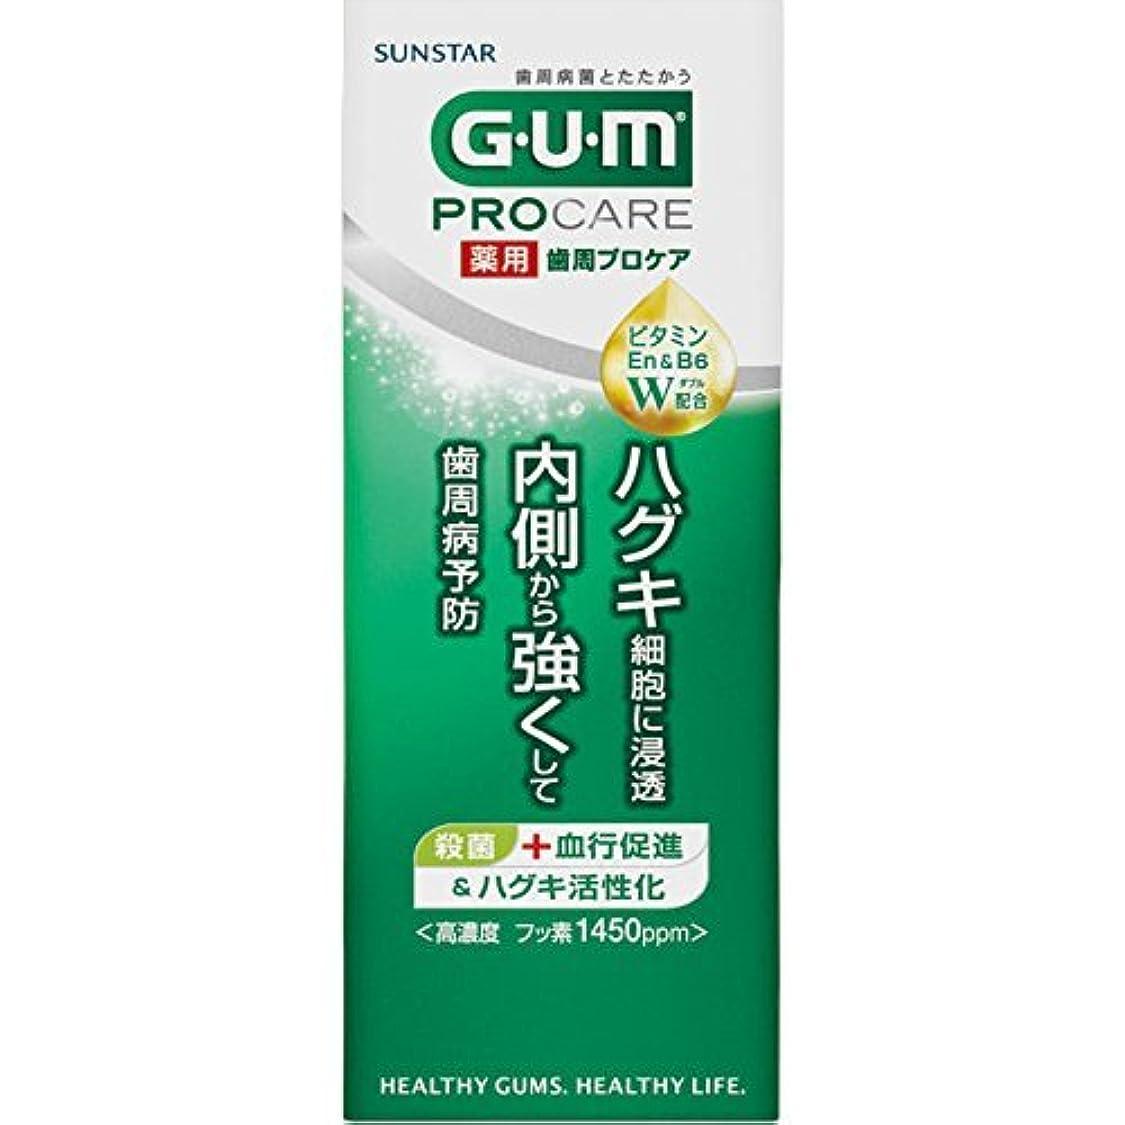 ドローサイドボード遺跡[医薬部外品] GUM(ガム) 歯周プロケア 歯みがき 50g <歯周病予防 ハグキケア 高濃度フッ素配合1,450ppm>